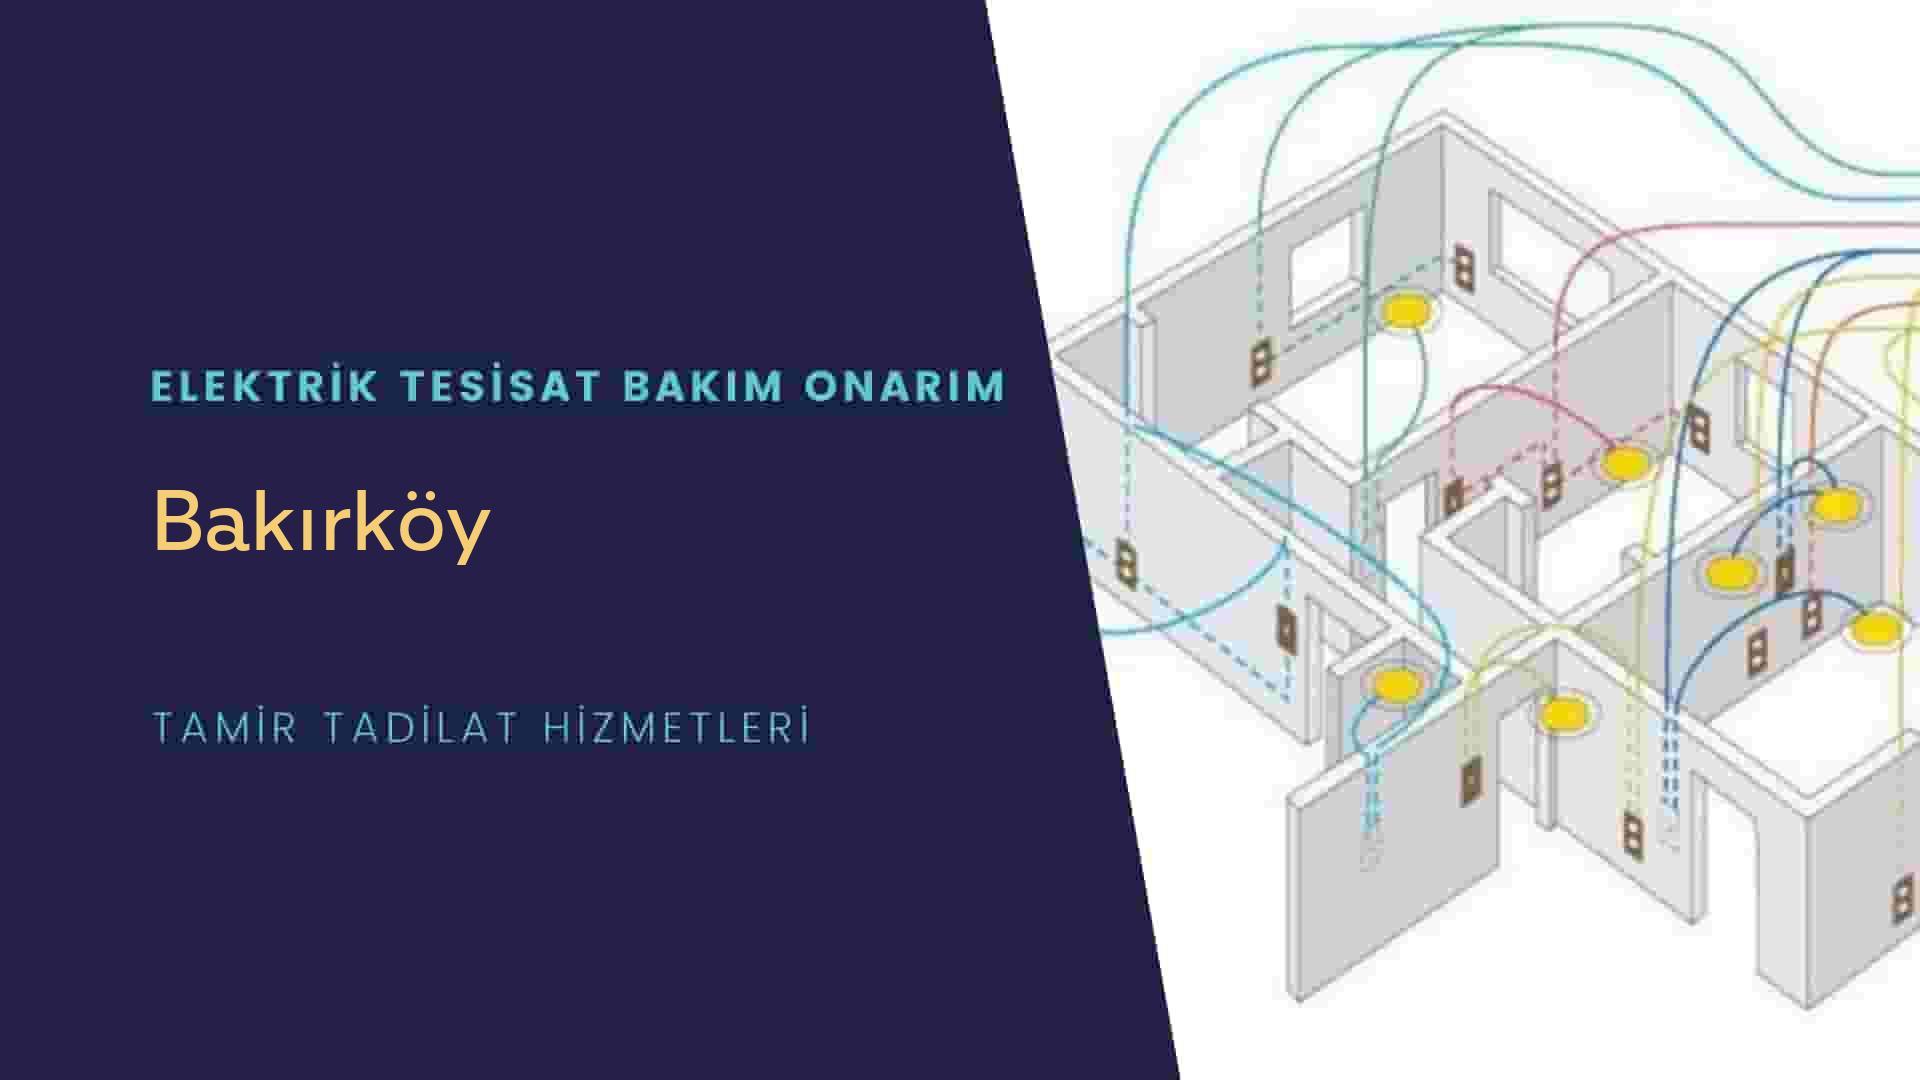 Bakırköy'de elektrik tesisatıustalarımı arıyorsunuz doğru adrestenizi Bakırköy elektrik tesisatı ustalarımız 7/24 sizlere hizmet vermekten mutluluk duyar.